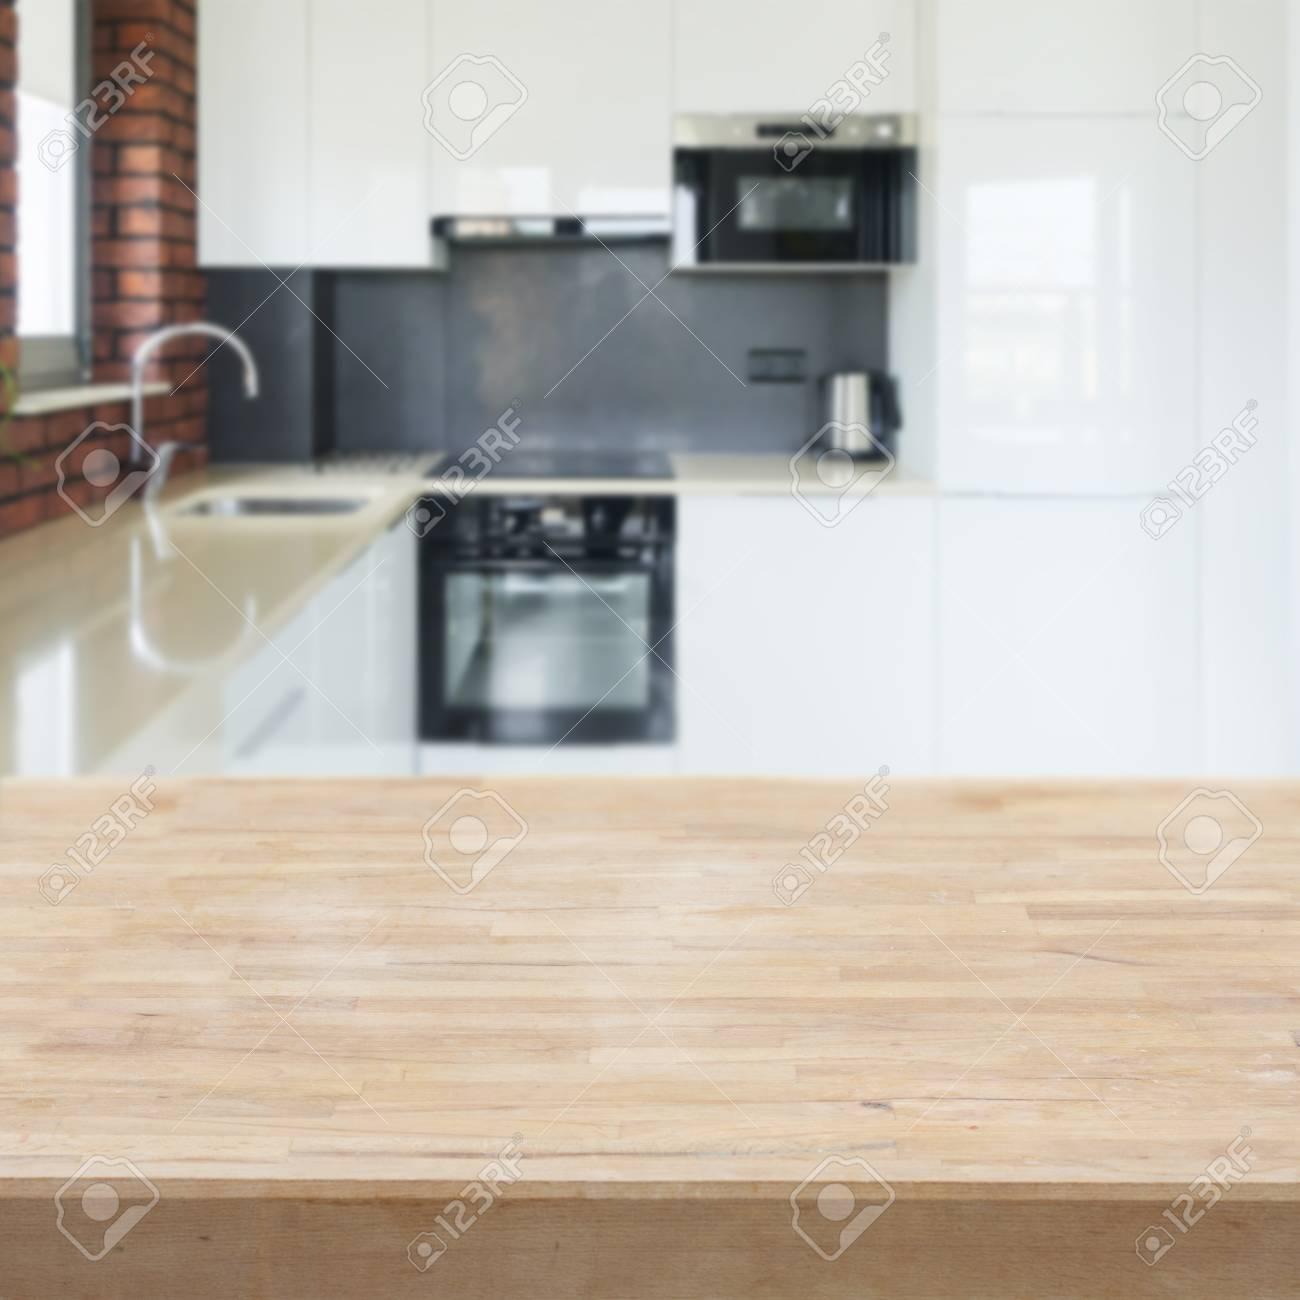 dessus de table de cuisine vide avec cuisine moderne blanche en arriere plan banque d images et photos libres de droits image 78906136